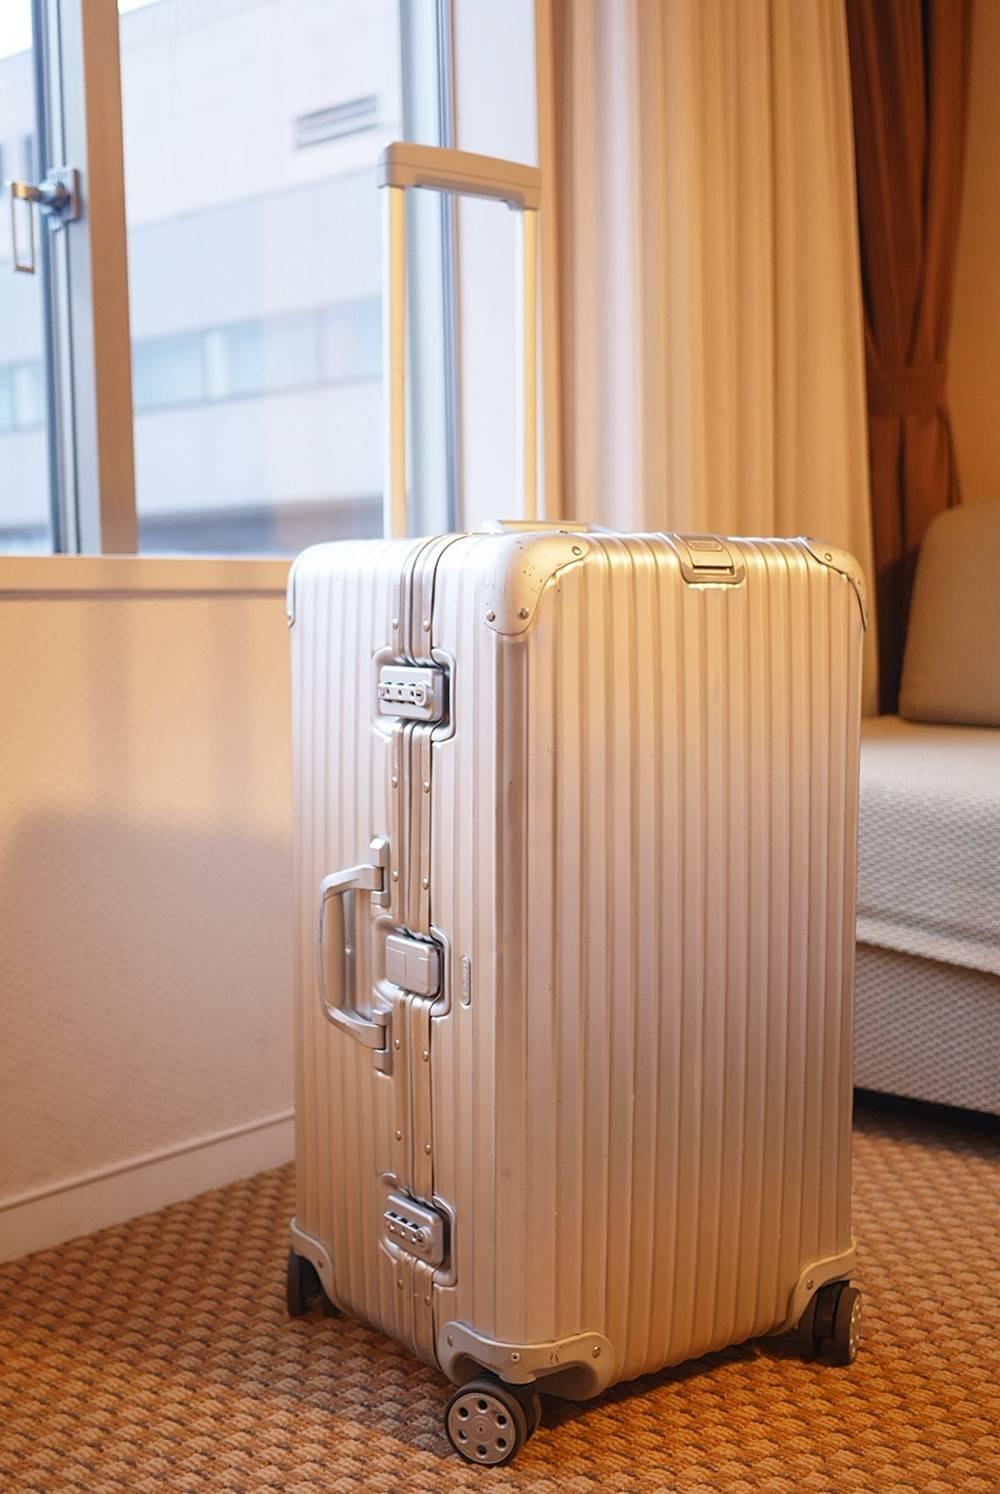 日本旅遊,冬季旅遊行前準備,雪地穿搭,日本東北旅行,保暖穿搭,499